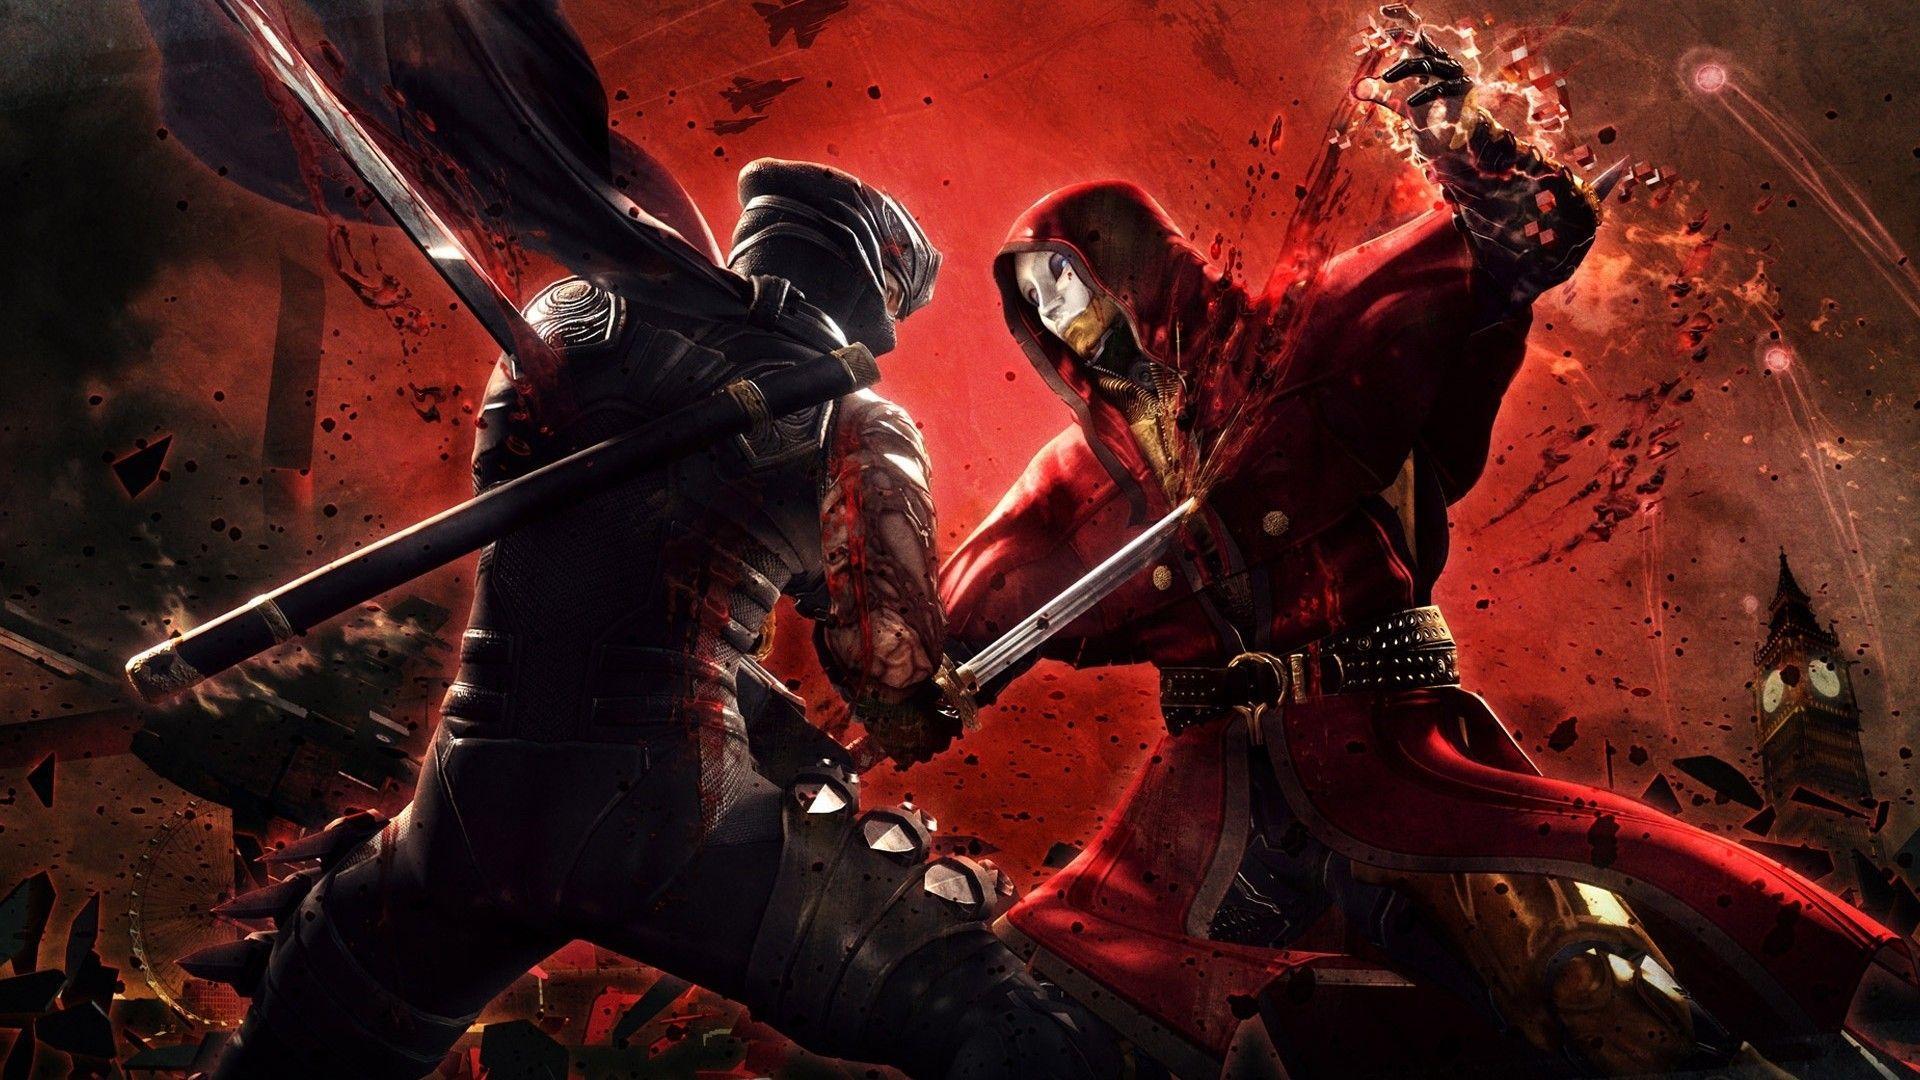 Sword Battle Wallpapers Top Free Sword Battle Backgrounds